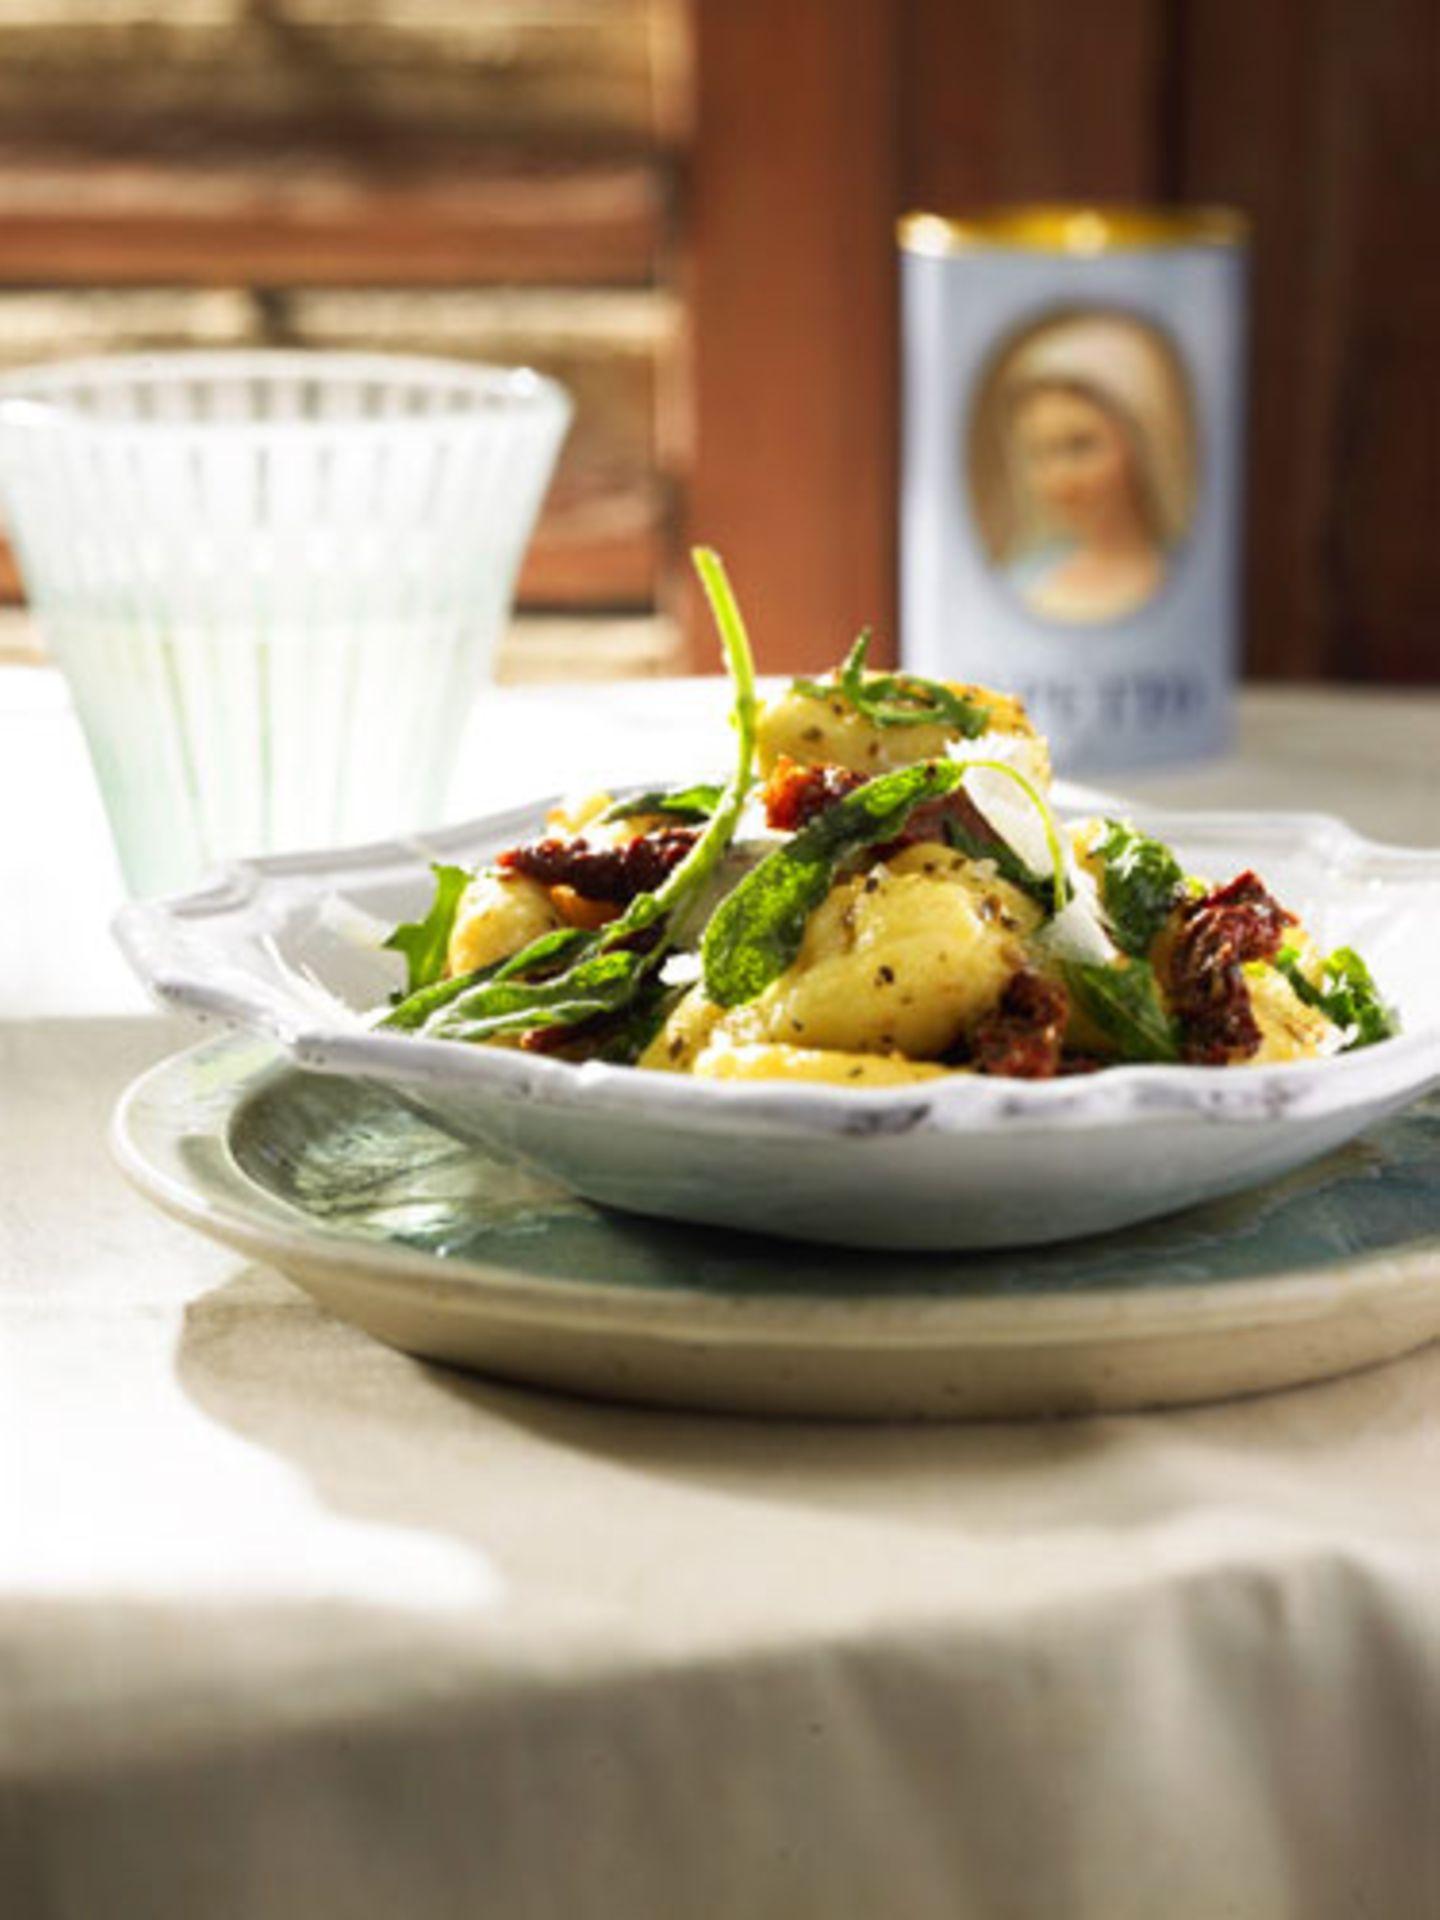 """Sommer-Accessoires: Gehört Salbei für Sie auch in die Kategorie """"Grundgutes""""? Salbeitee hilft bei Halsschmerzen, Salbeibonbons sind tröstliche Begleiter in Jackentaschen. Und natürlich ist Salbei kulinarisch wertvoll, sozusagen das grüne Sahnehäubchen auf den selbstgemachten Gnocchi mit Butter und Parmesan. Rezepte mit Salbei, zum Beispiel Saltimbocca oder Pannfisch mit Tomaten, Spargel und Salbei finden Sie in der in der BRIGITTE.de-Rezeptdatenbank!"""